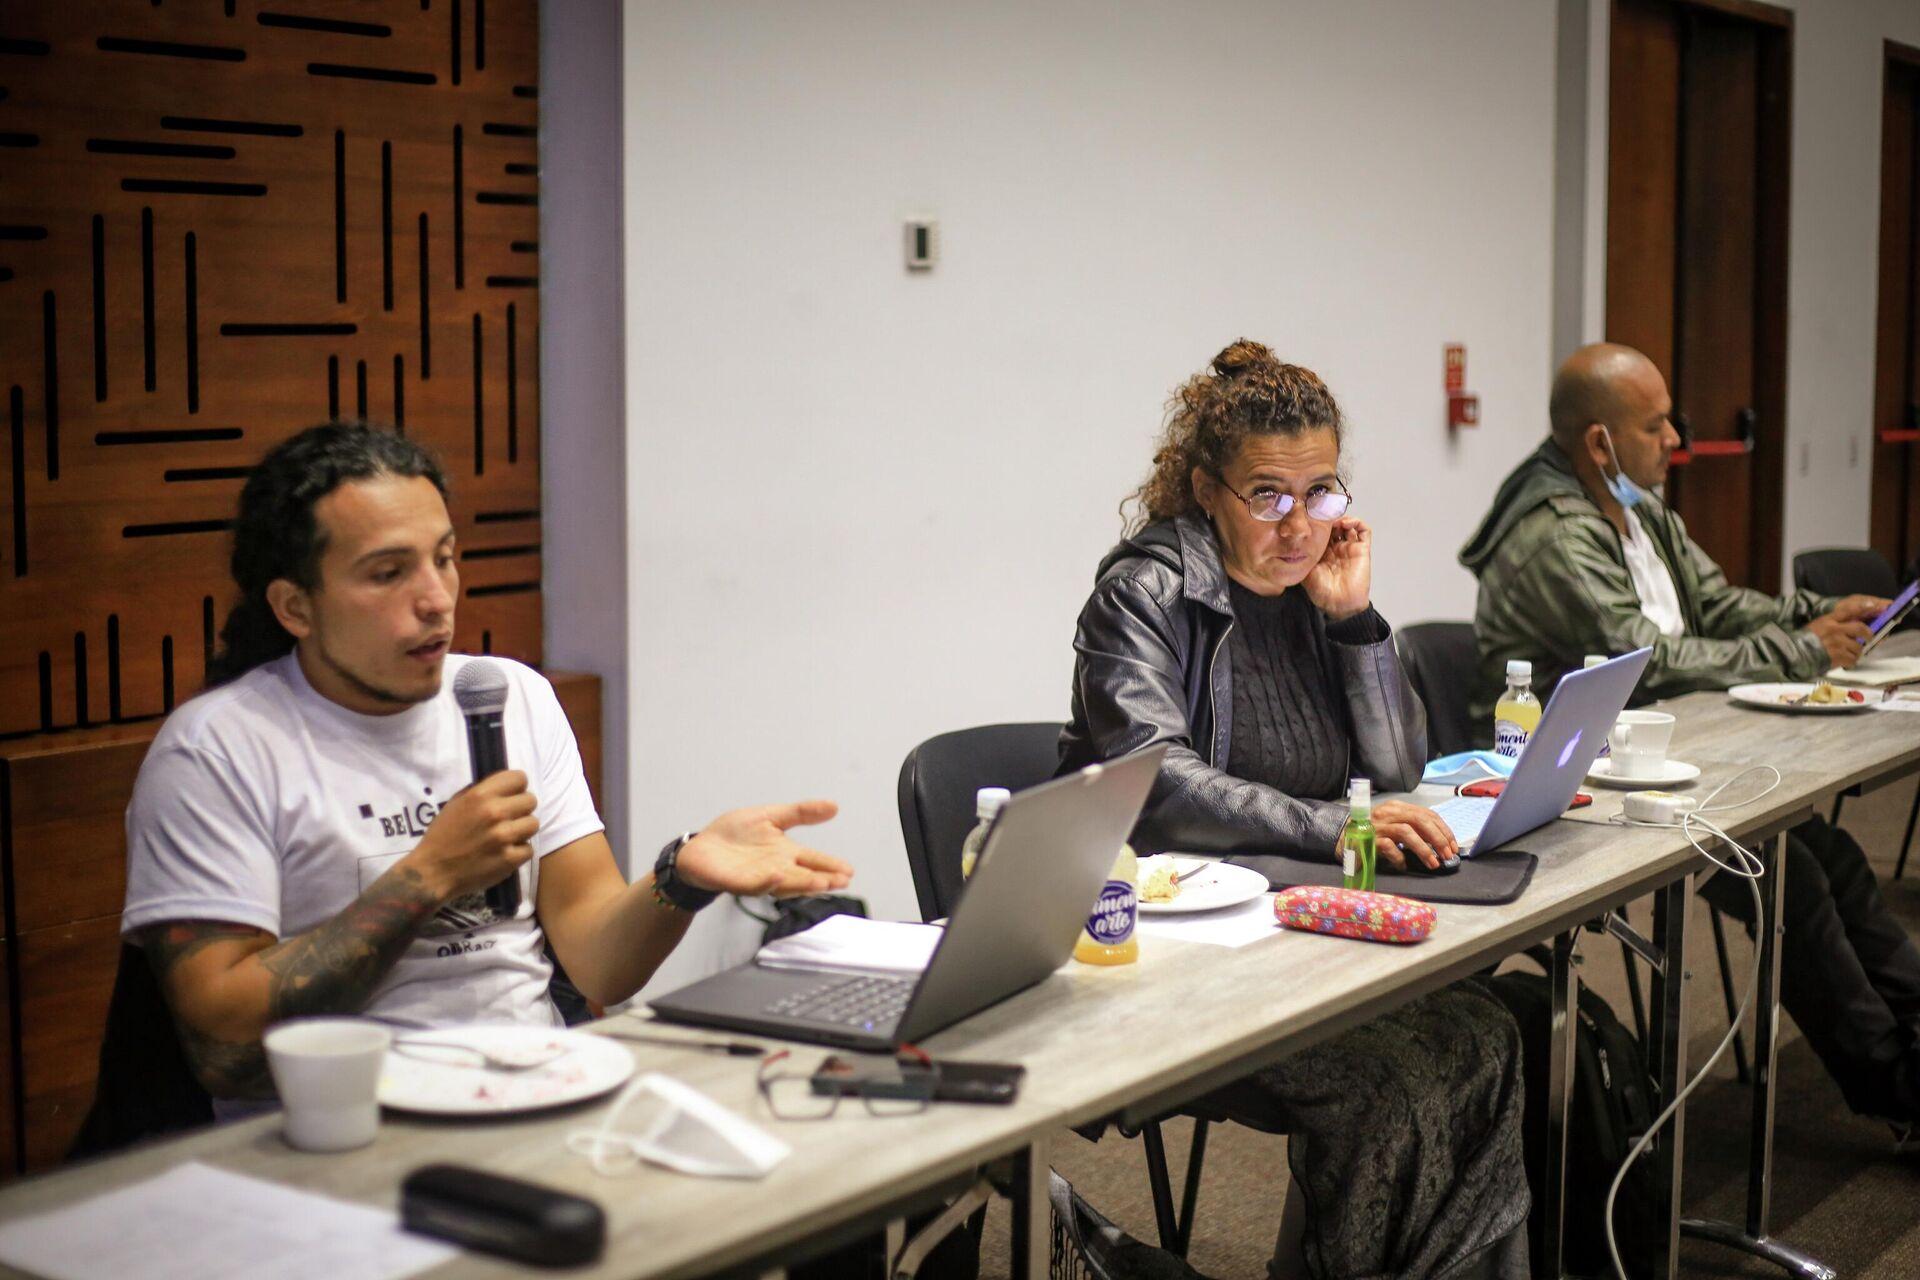 John León y Mireya Andrade, de la comisión de búsqueda de desparecidos creada por las antiguas FARC - Sputnik Mundo, 1920, 22.09.2021